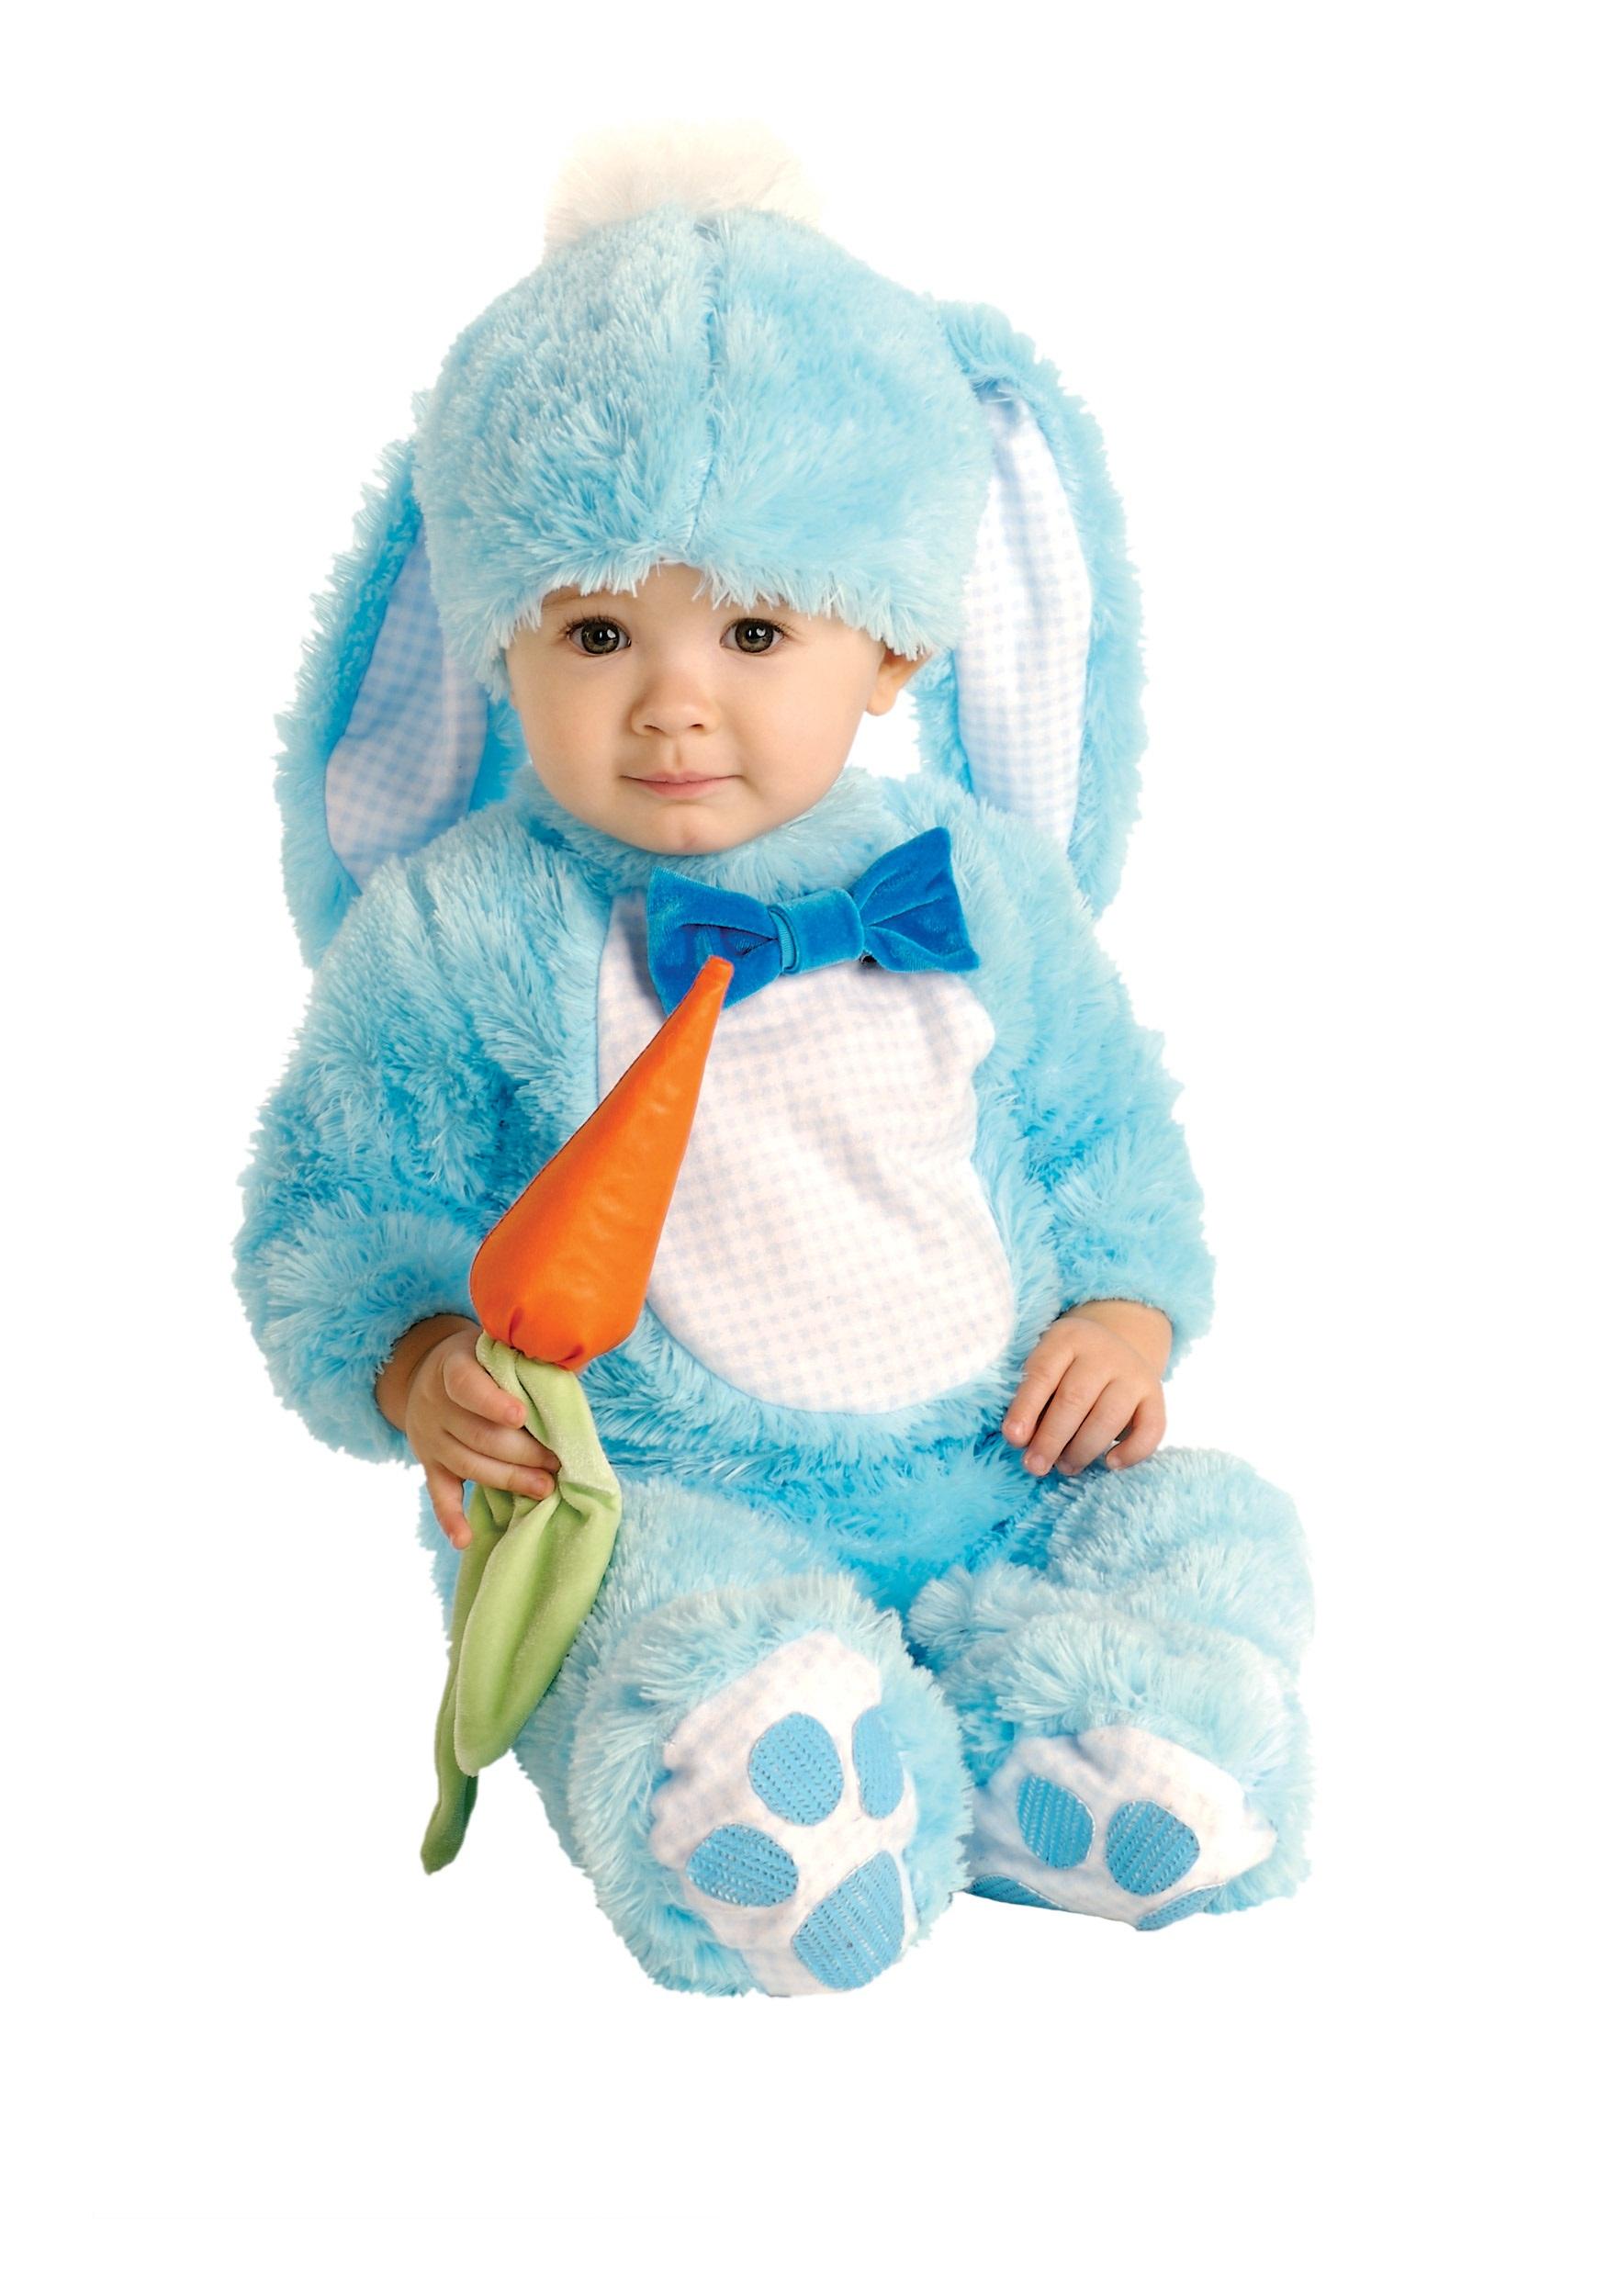 Newborn & Baby Halloween Costumes - HalloweenCostumes.com